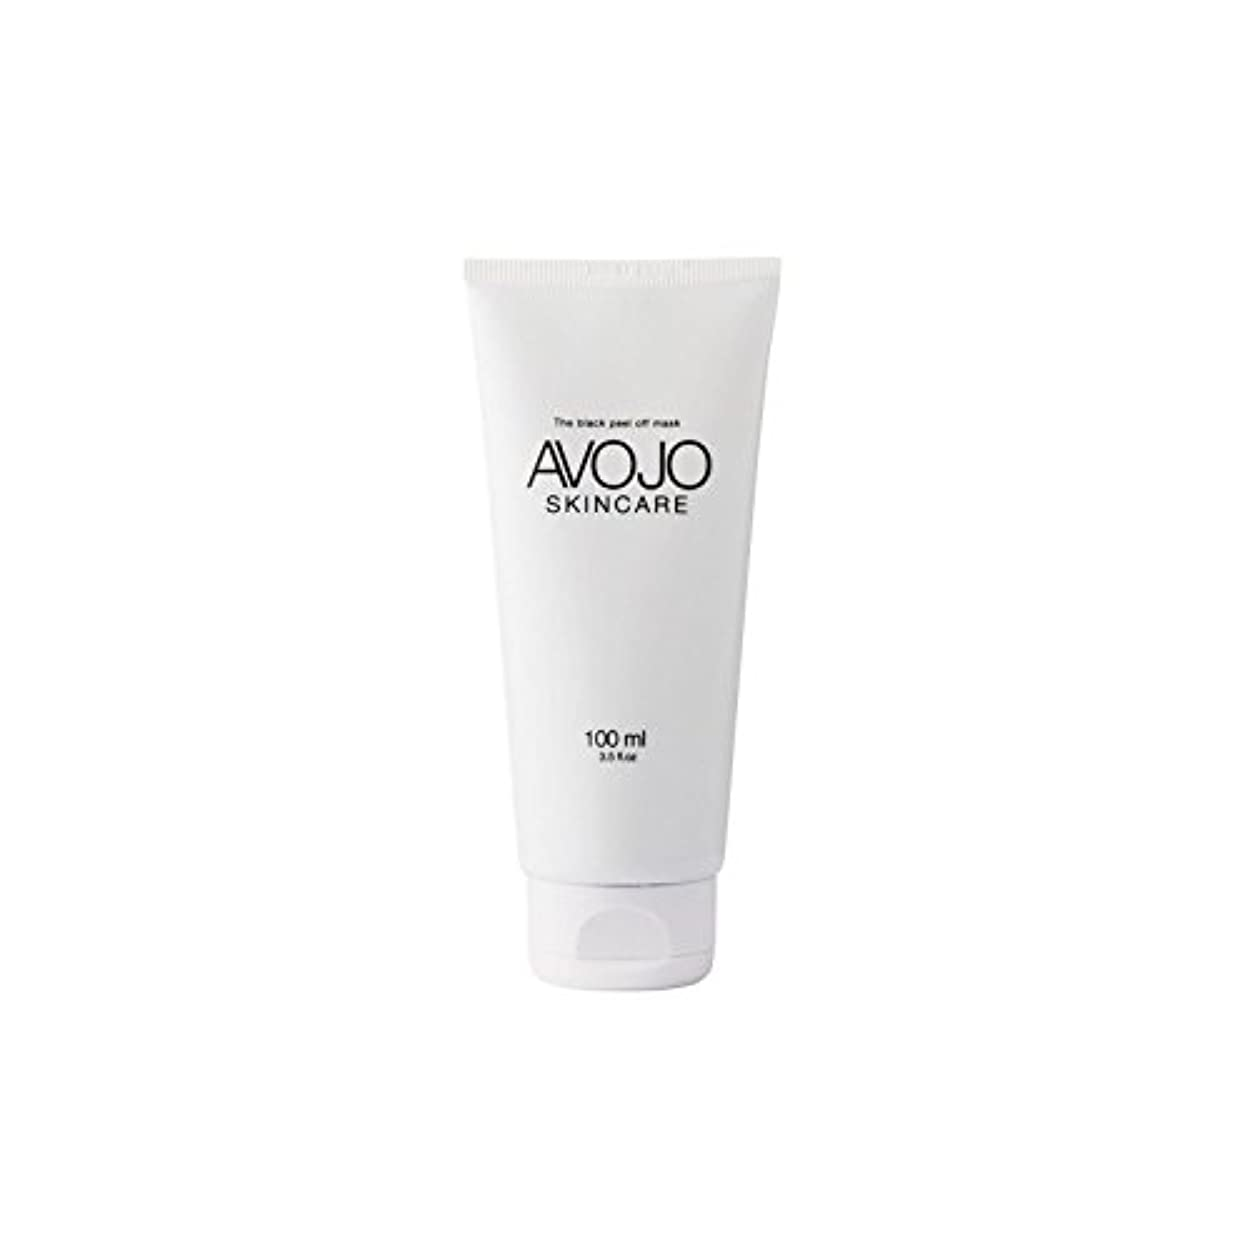 情緒的複製するの間でAvojo - The Black Peel Off Mask - (Bottle 100ml) (Pack of 6) - - 黒皮オフマスク - (ボトル100ミリリットル) x6 [並行輸入品]